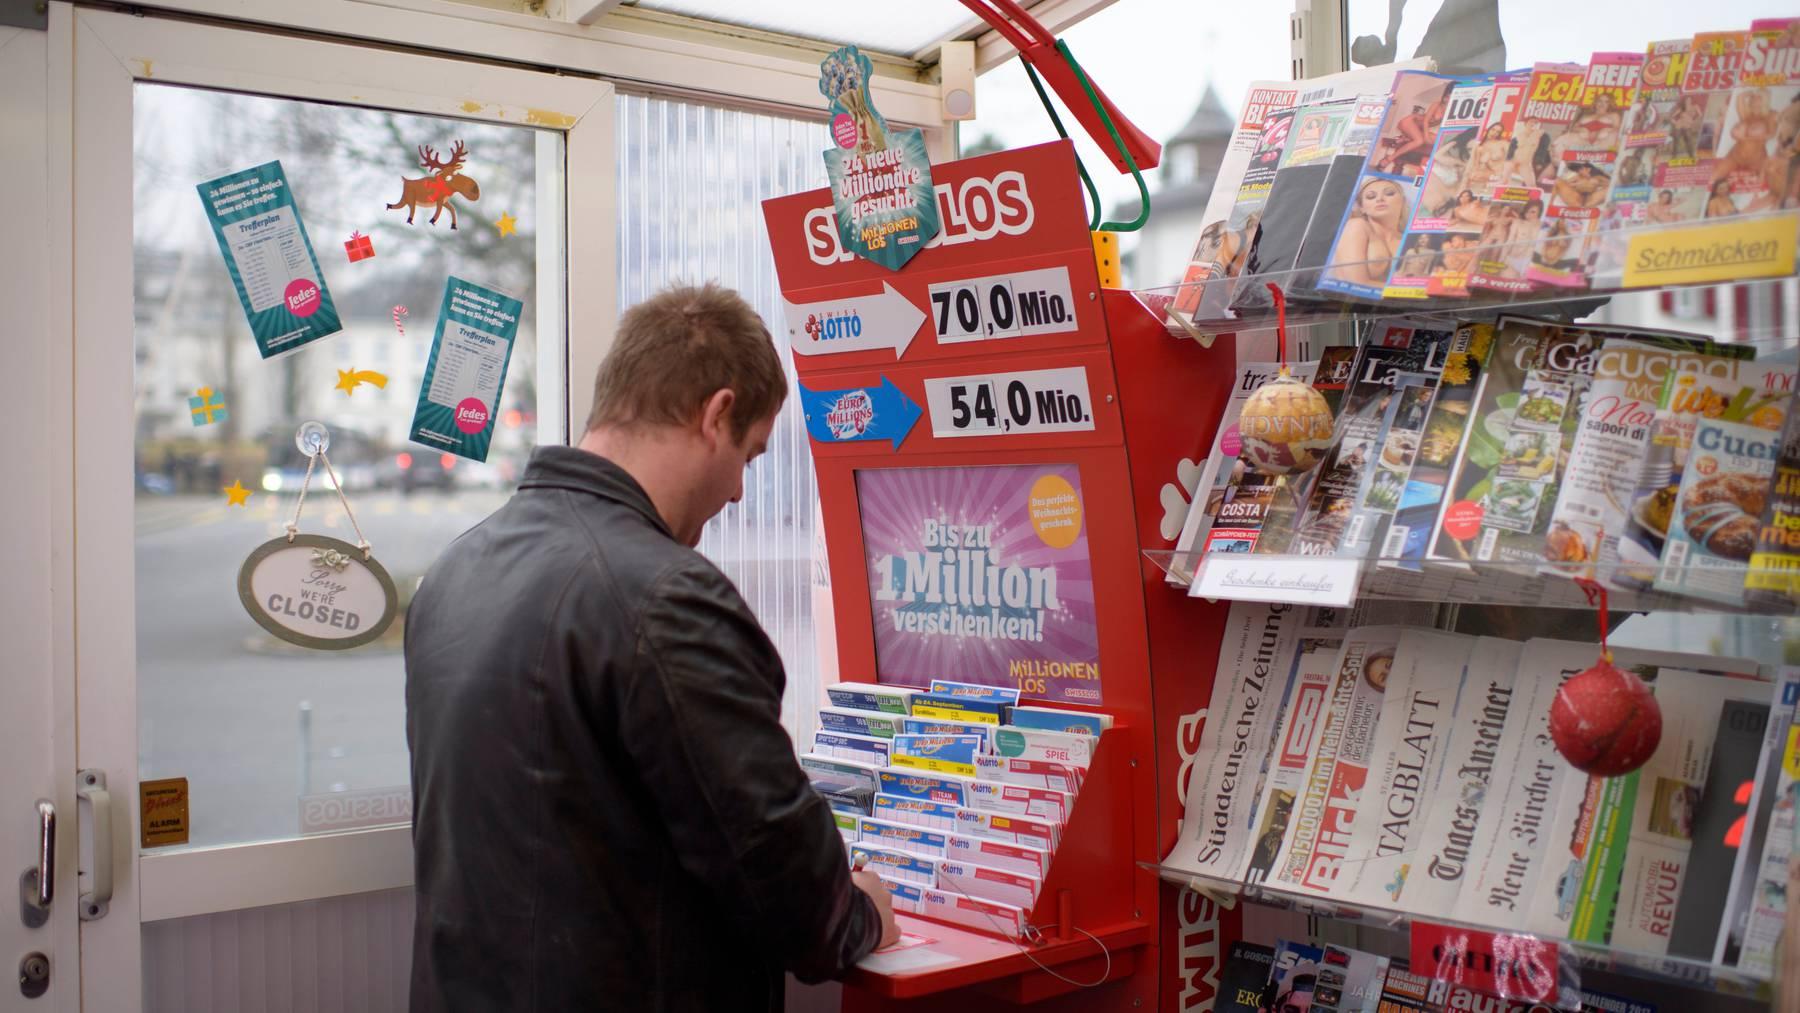 Eine unbekannte Person spielte in Muri bei Bern  Lotto – und gewann eine Million. Abgeholt hat sie das Geld bis heute aber nicht. (Symbolbild)